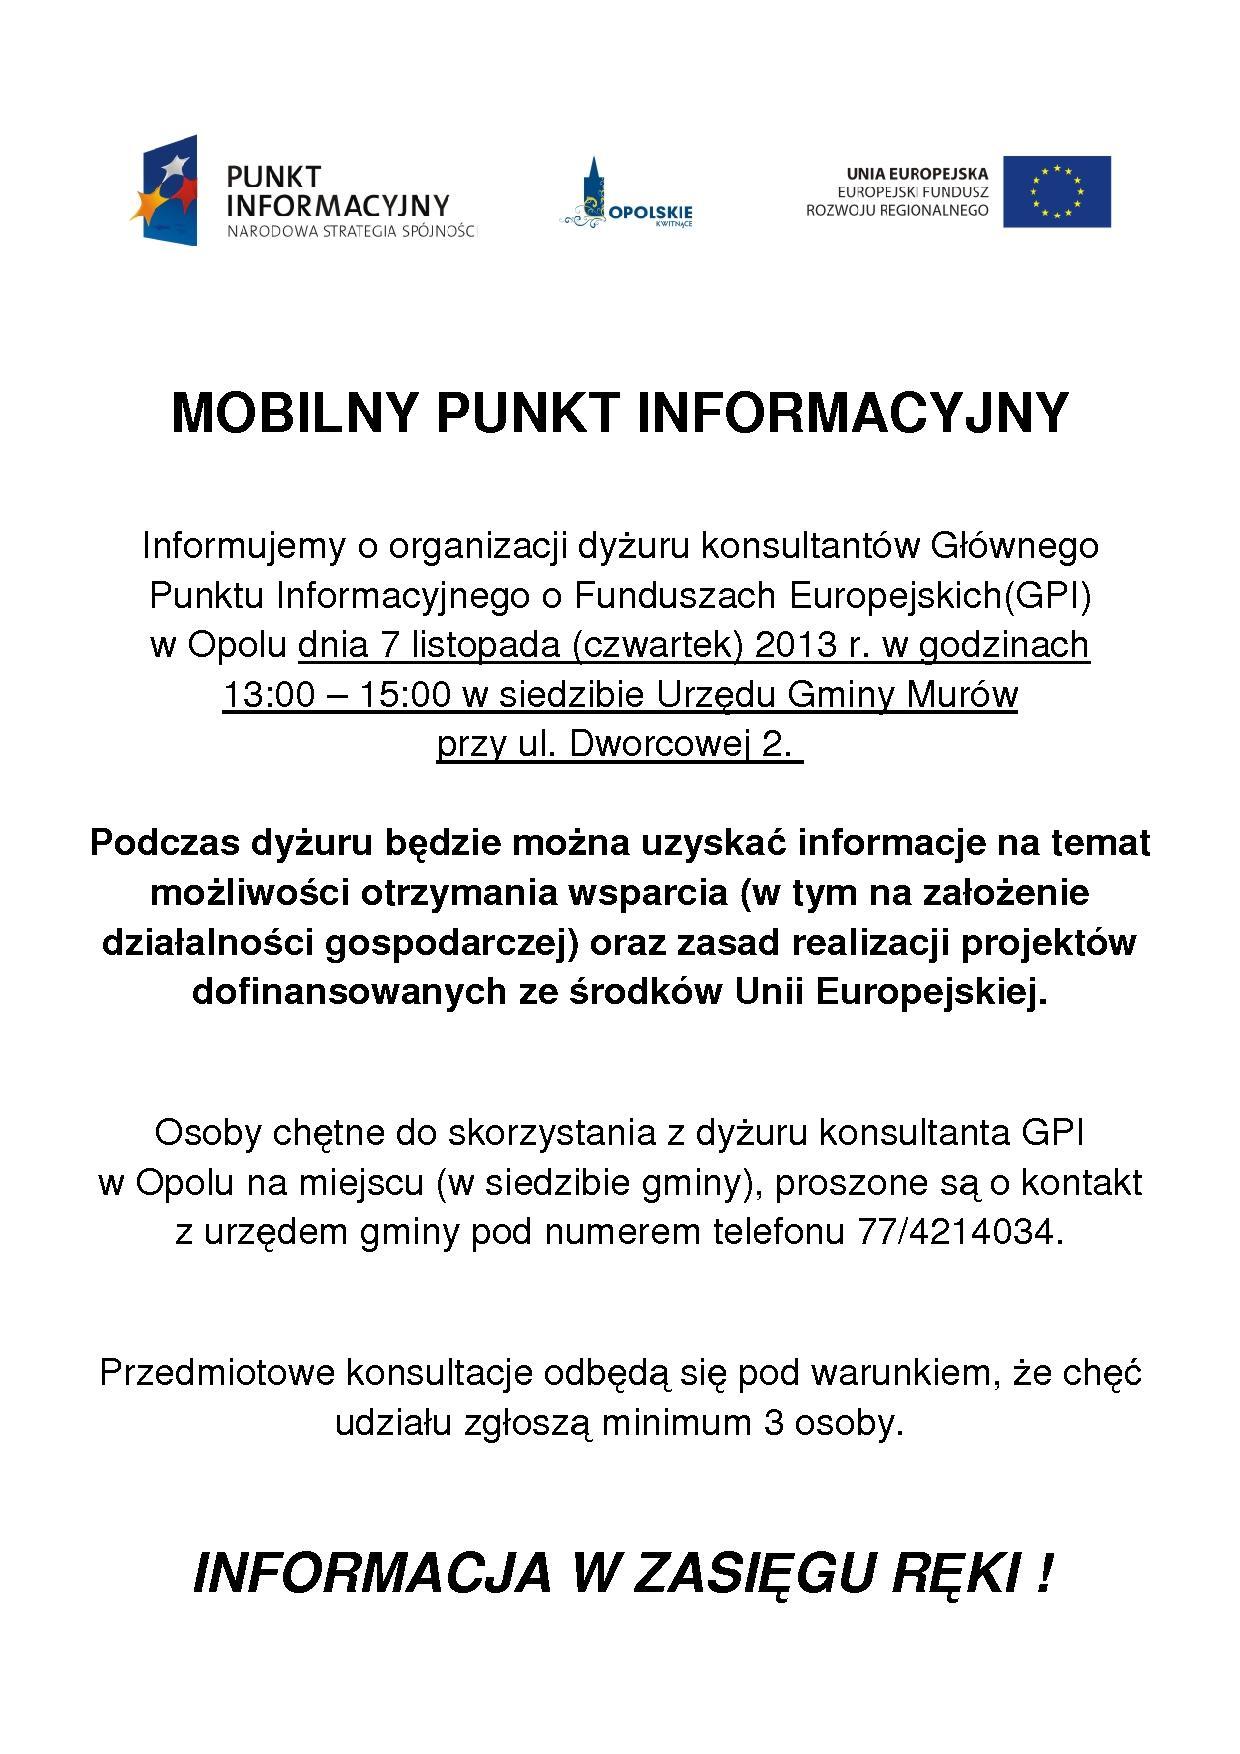 Murów_MPI_07 11 13.jpeg